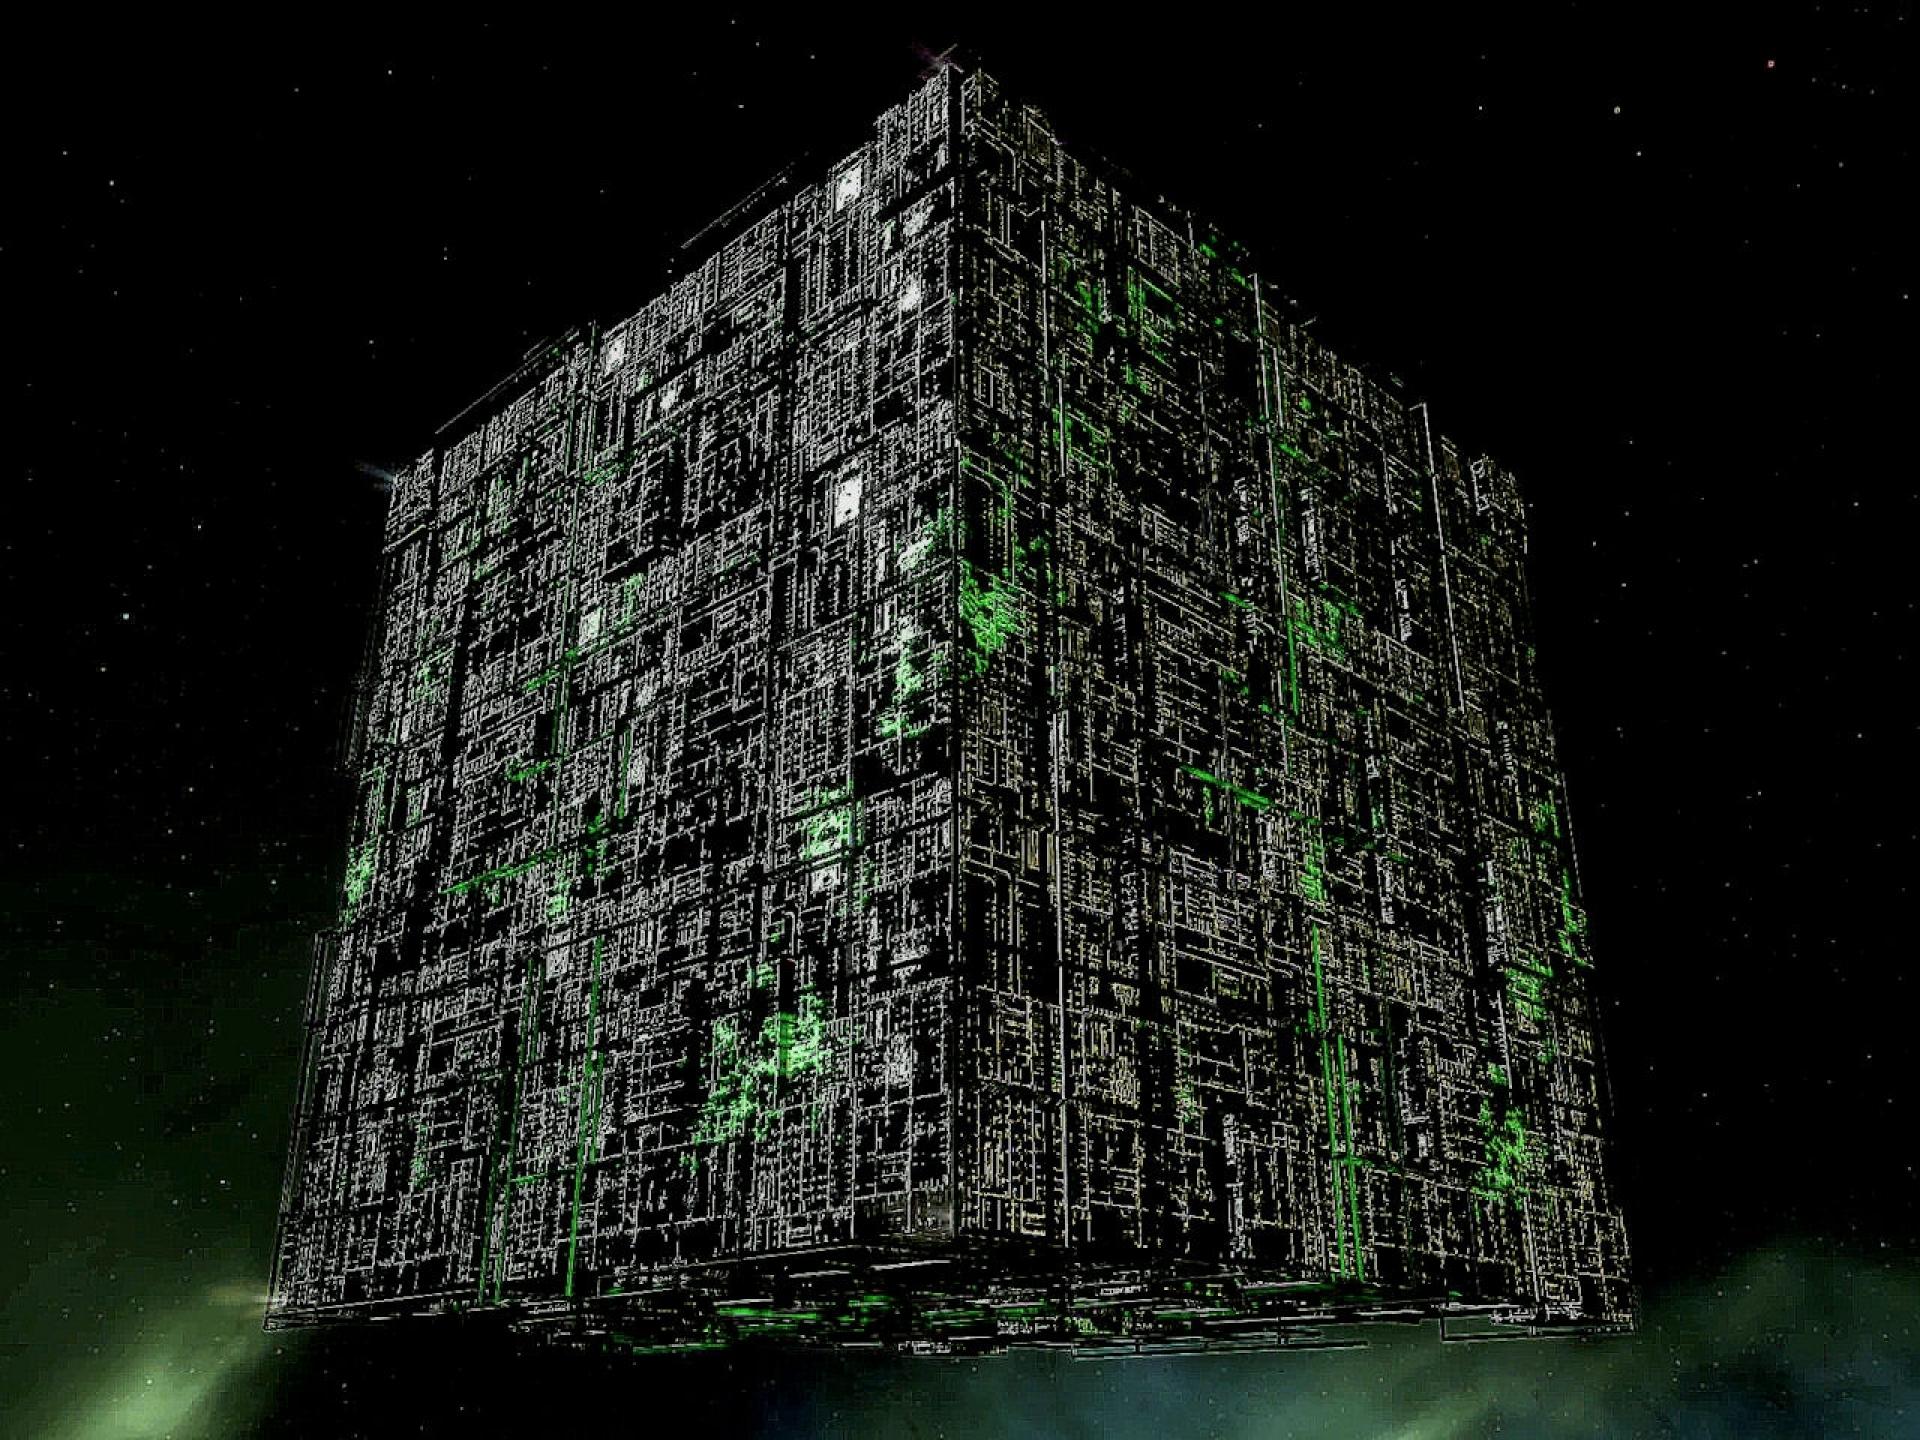 46+] Borg Wallpaper Images on WallpaperSafari